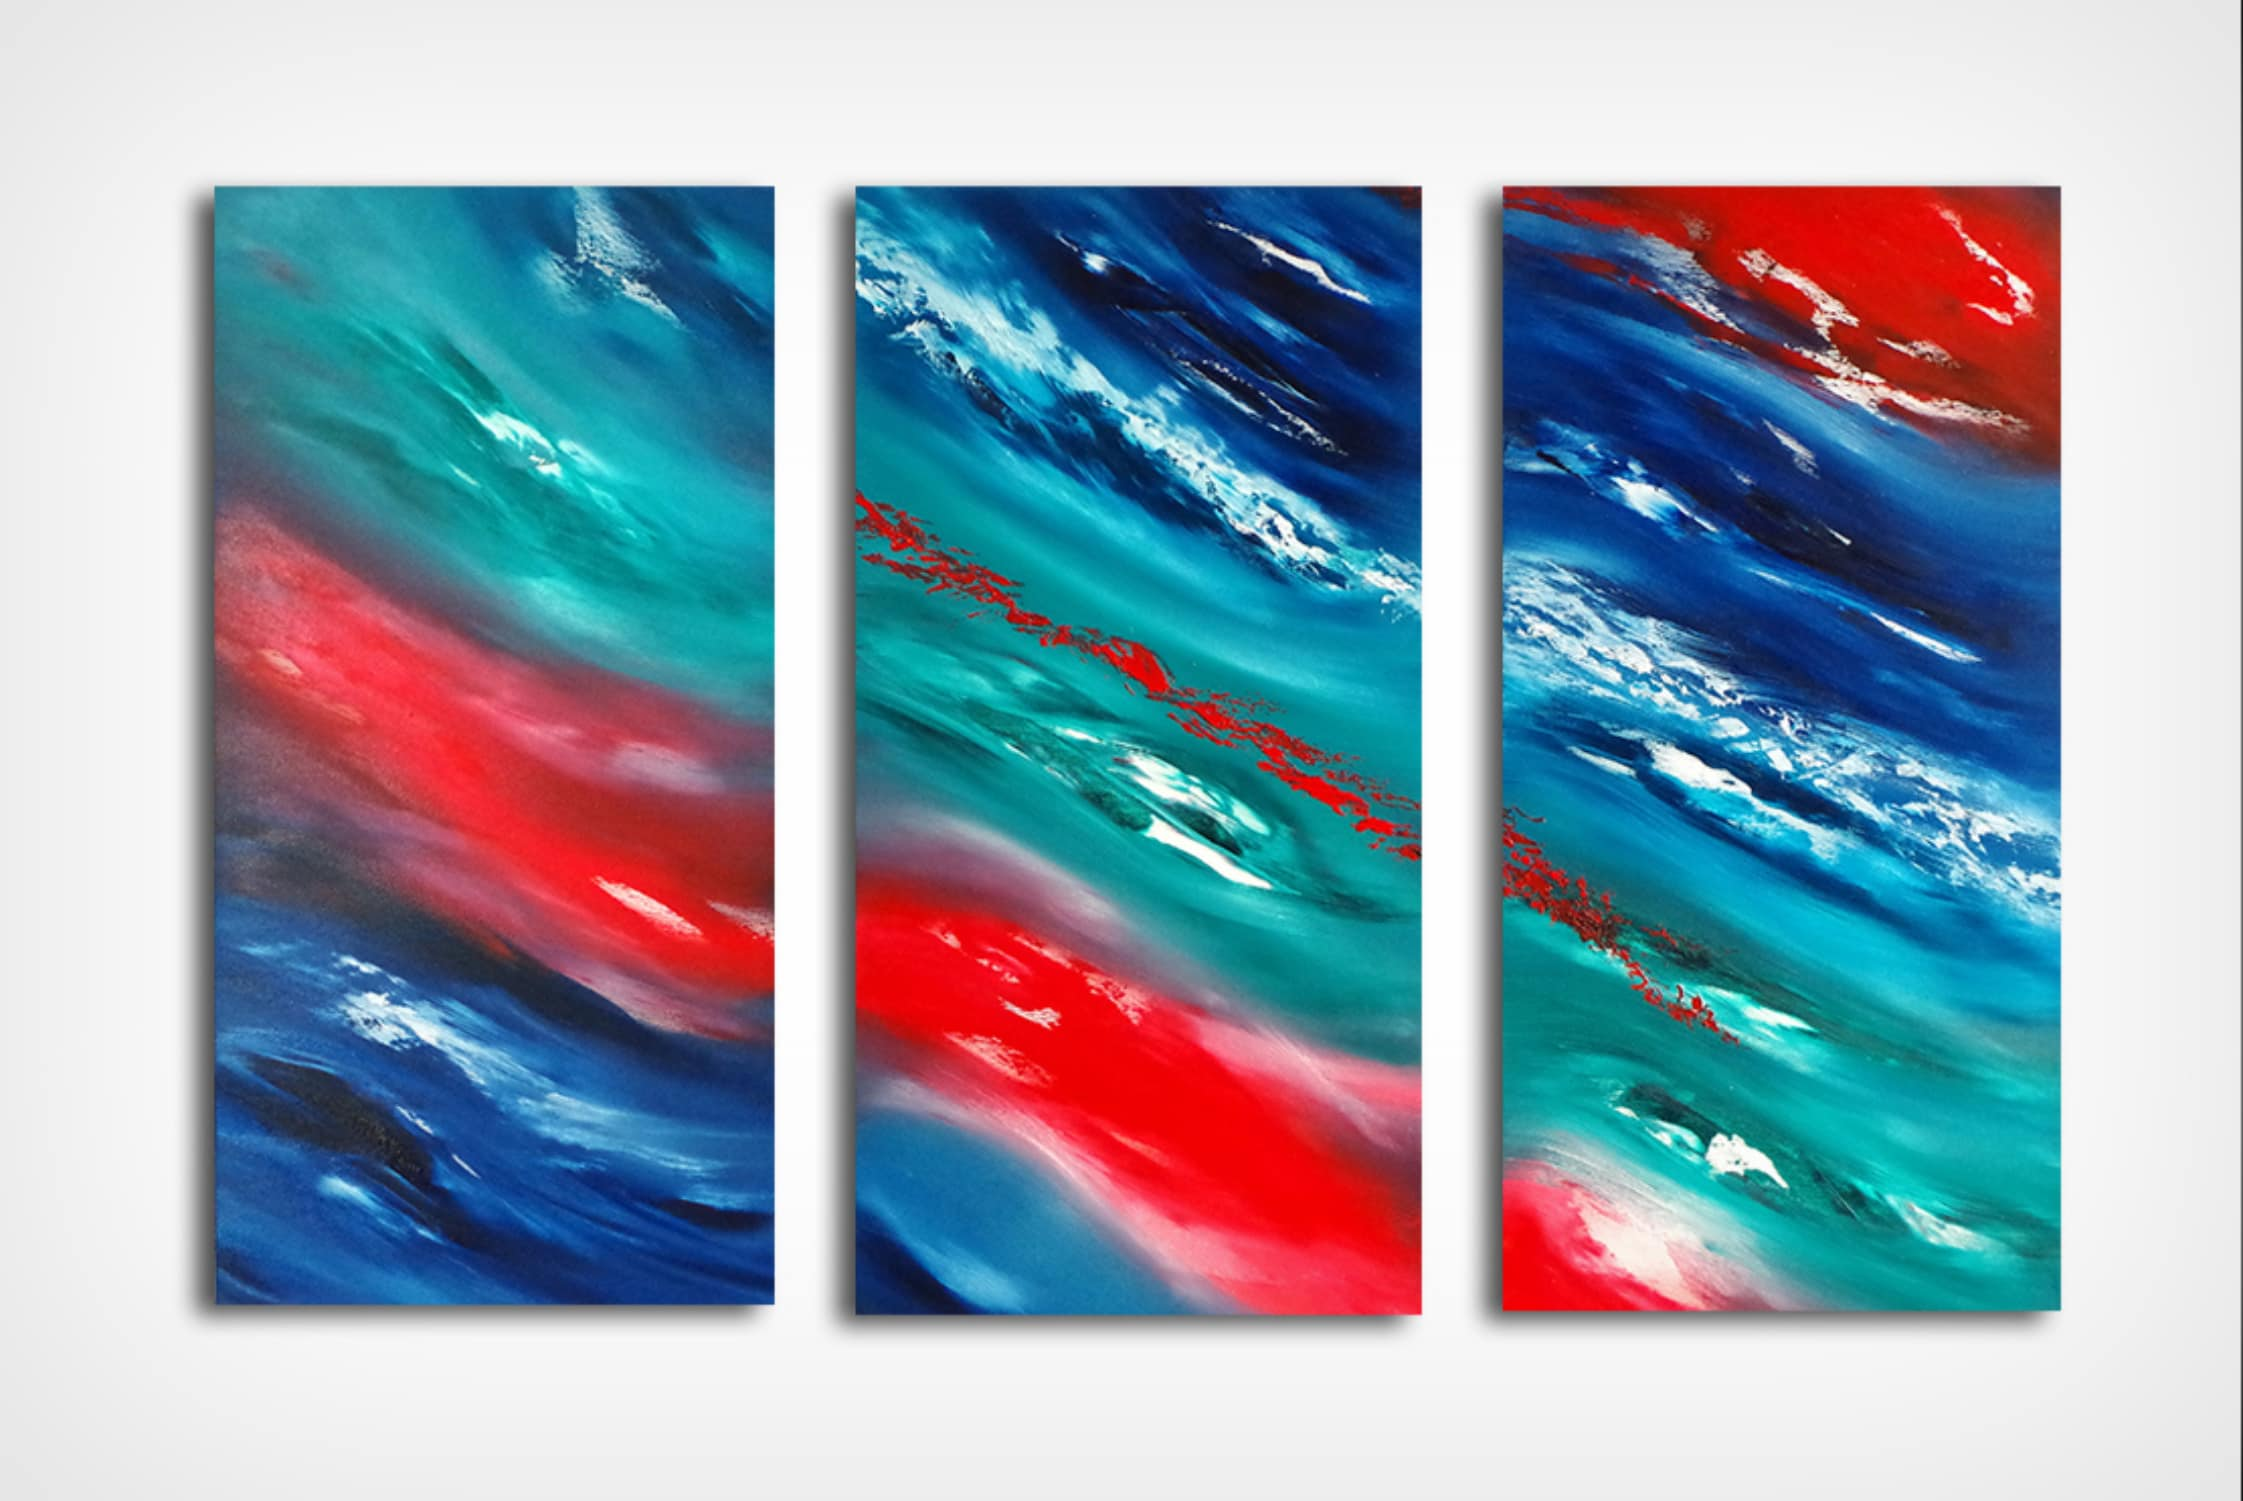 opera su commissione Time passes slowly II triptych dipinto originale in vendita online